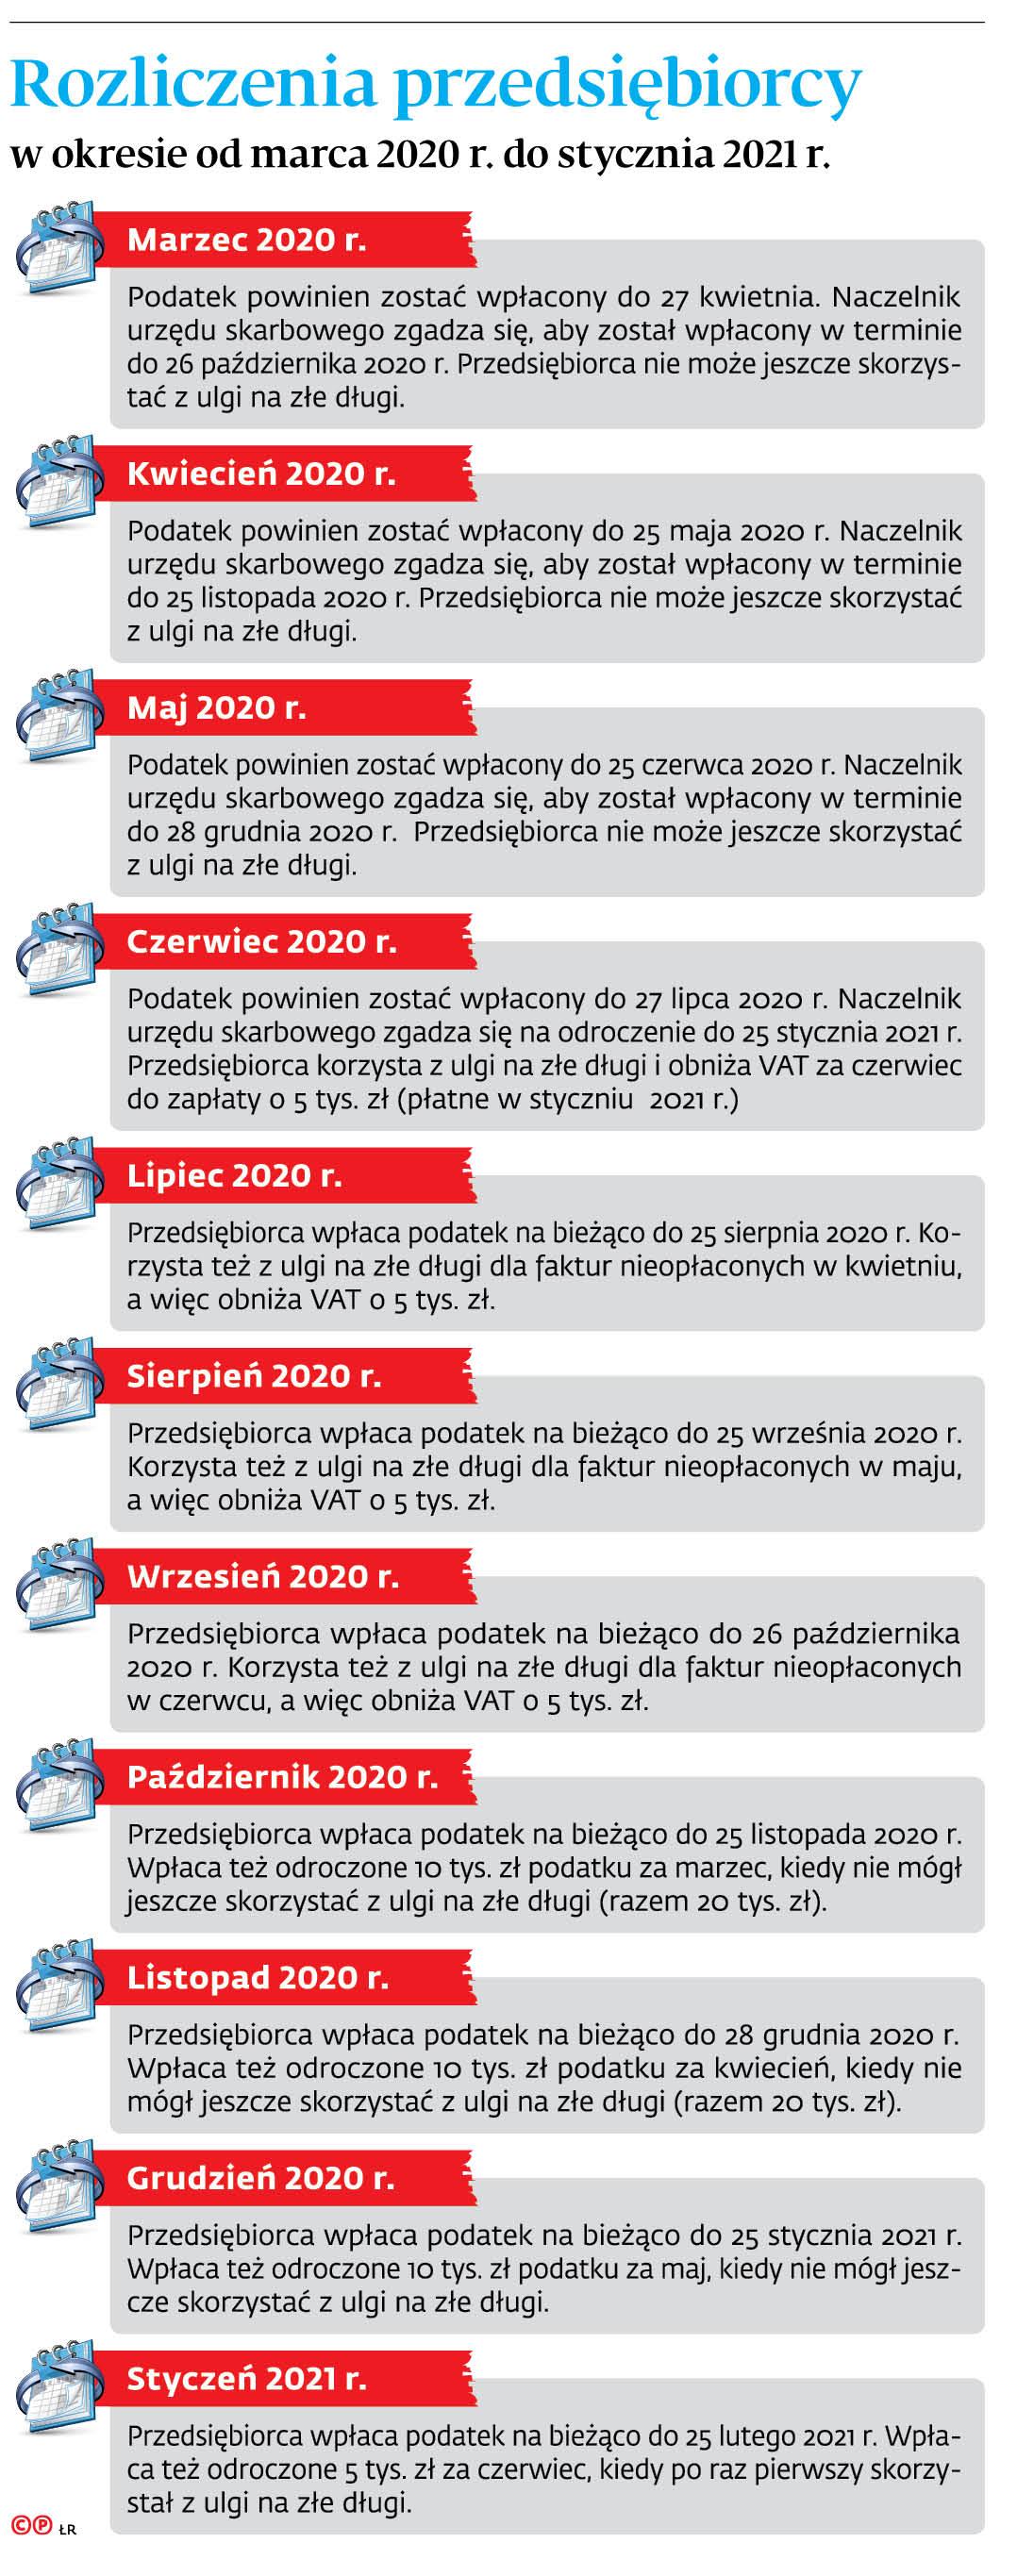 Rozliczenia przedsiębiorcy w okresie od marca 2020 r. do stycznia 2021 r.